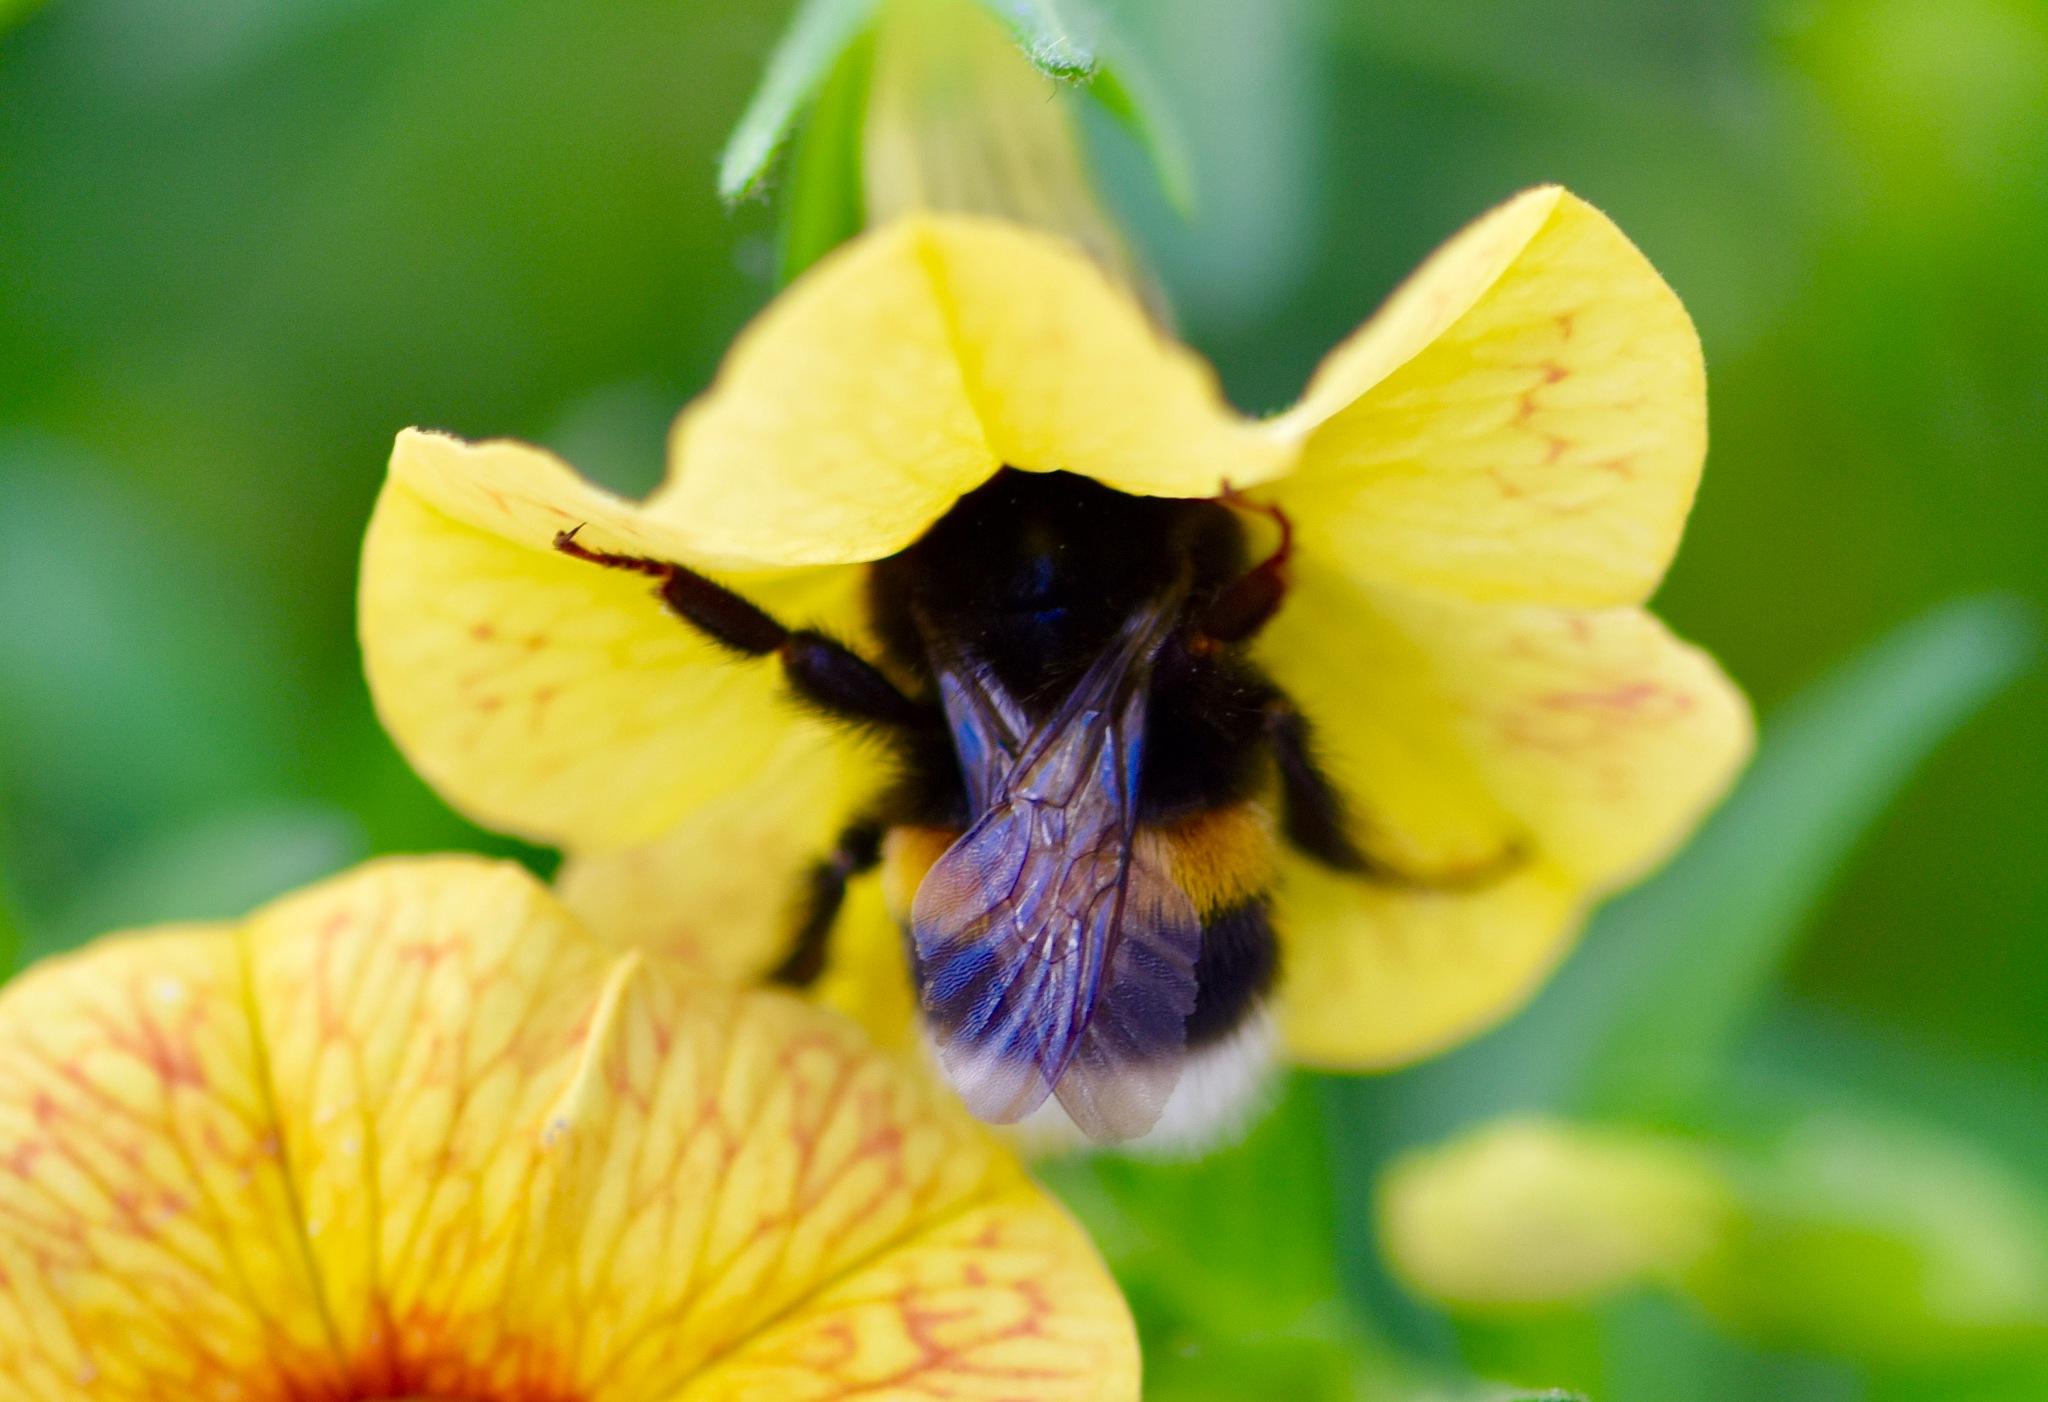 Bee 71 by Memed Bayatli